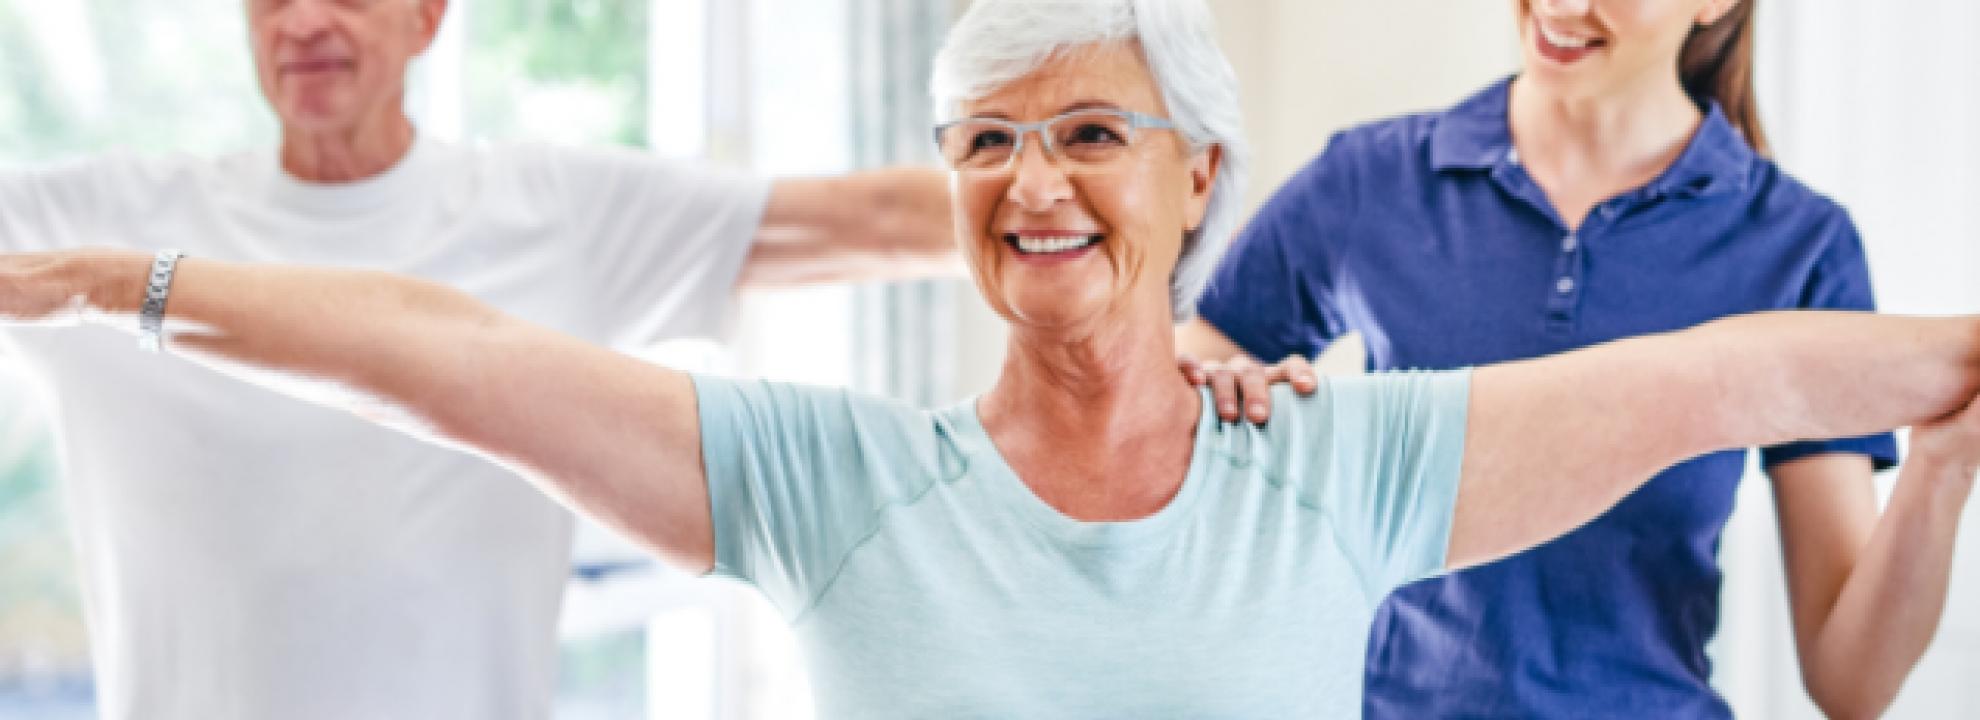 Live Longer Better - More than Moving Banner